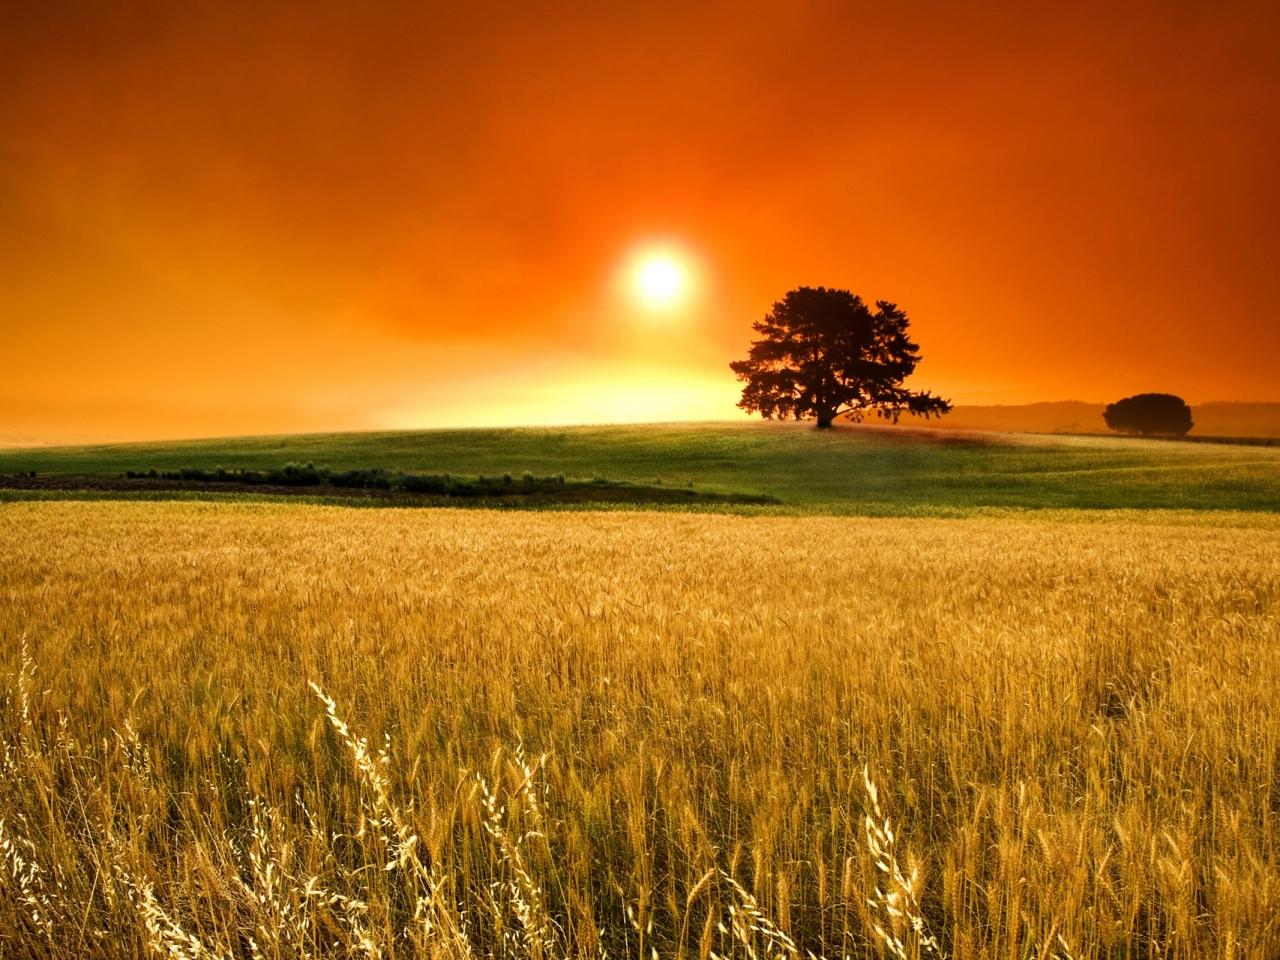 Atardecer en campos de trigo - 1280x960